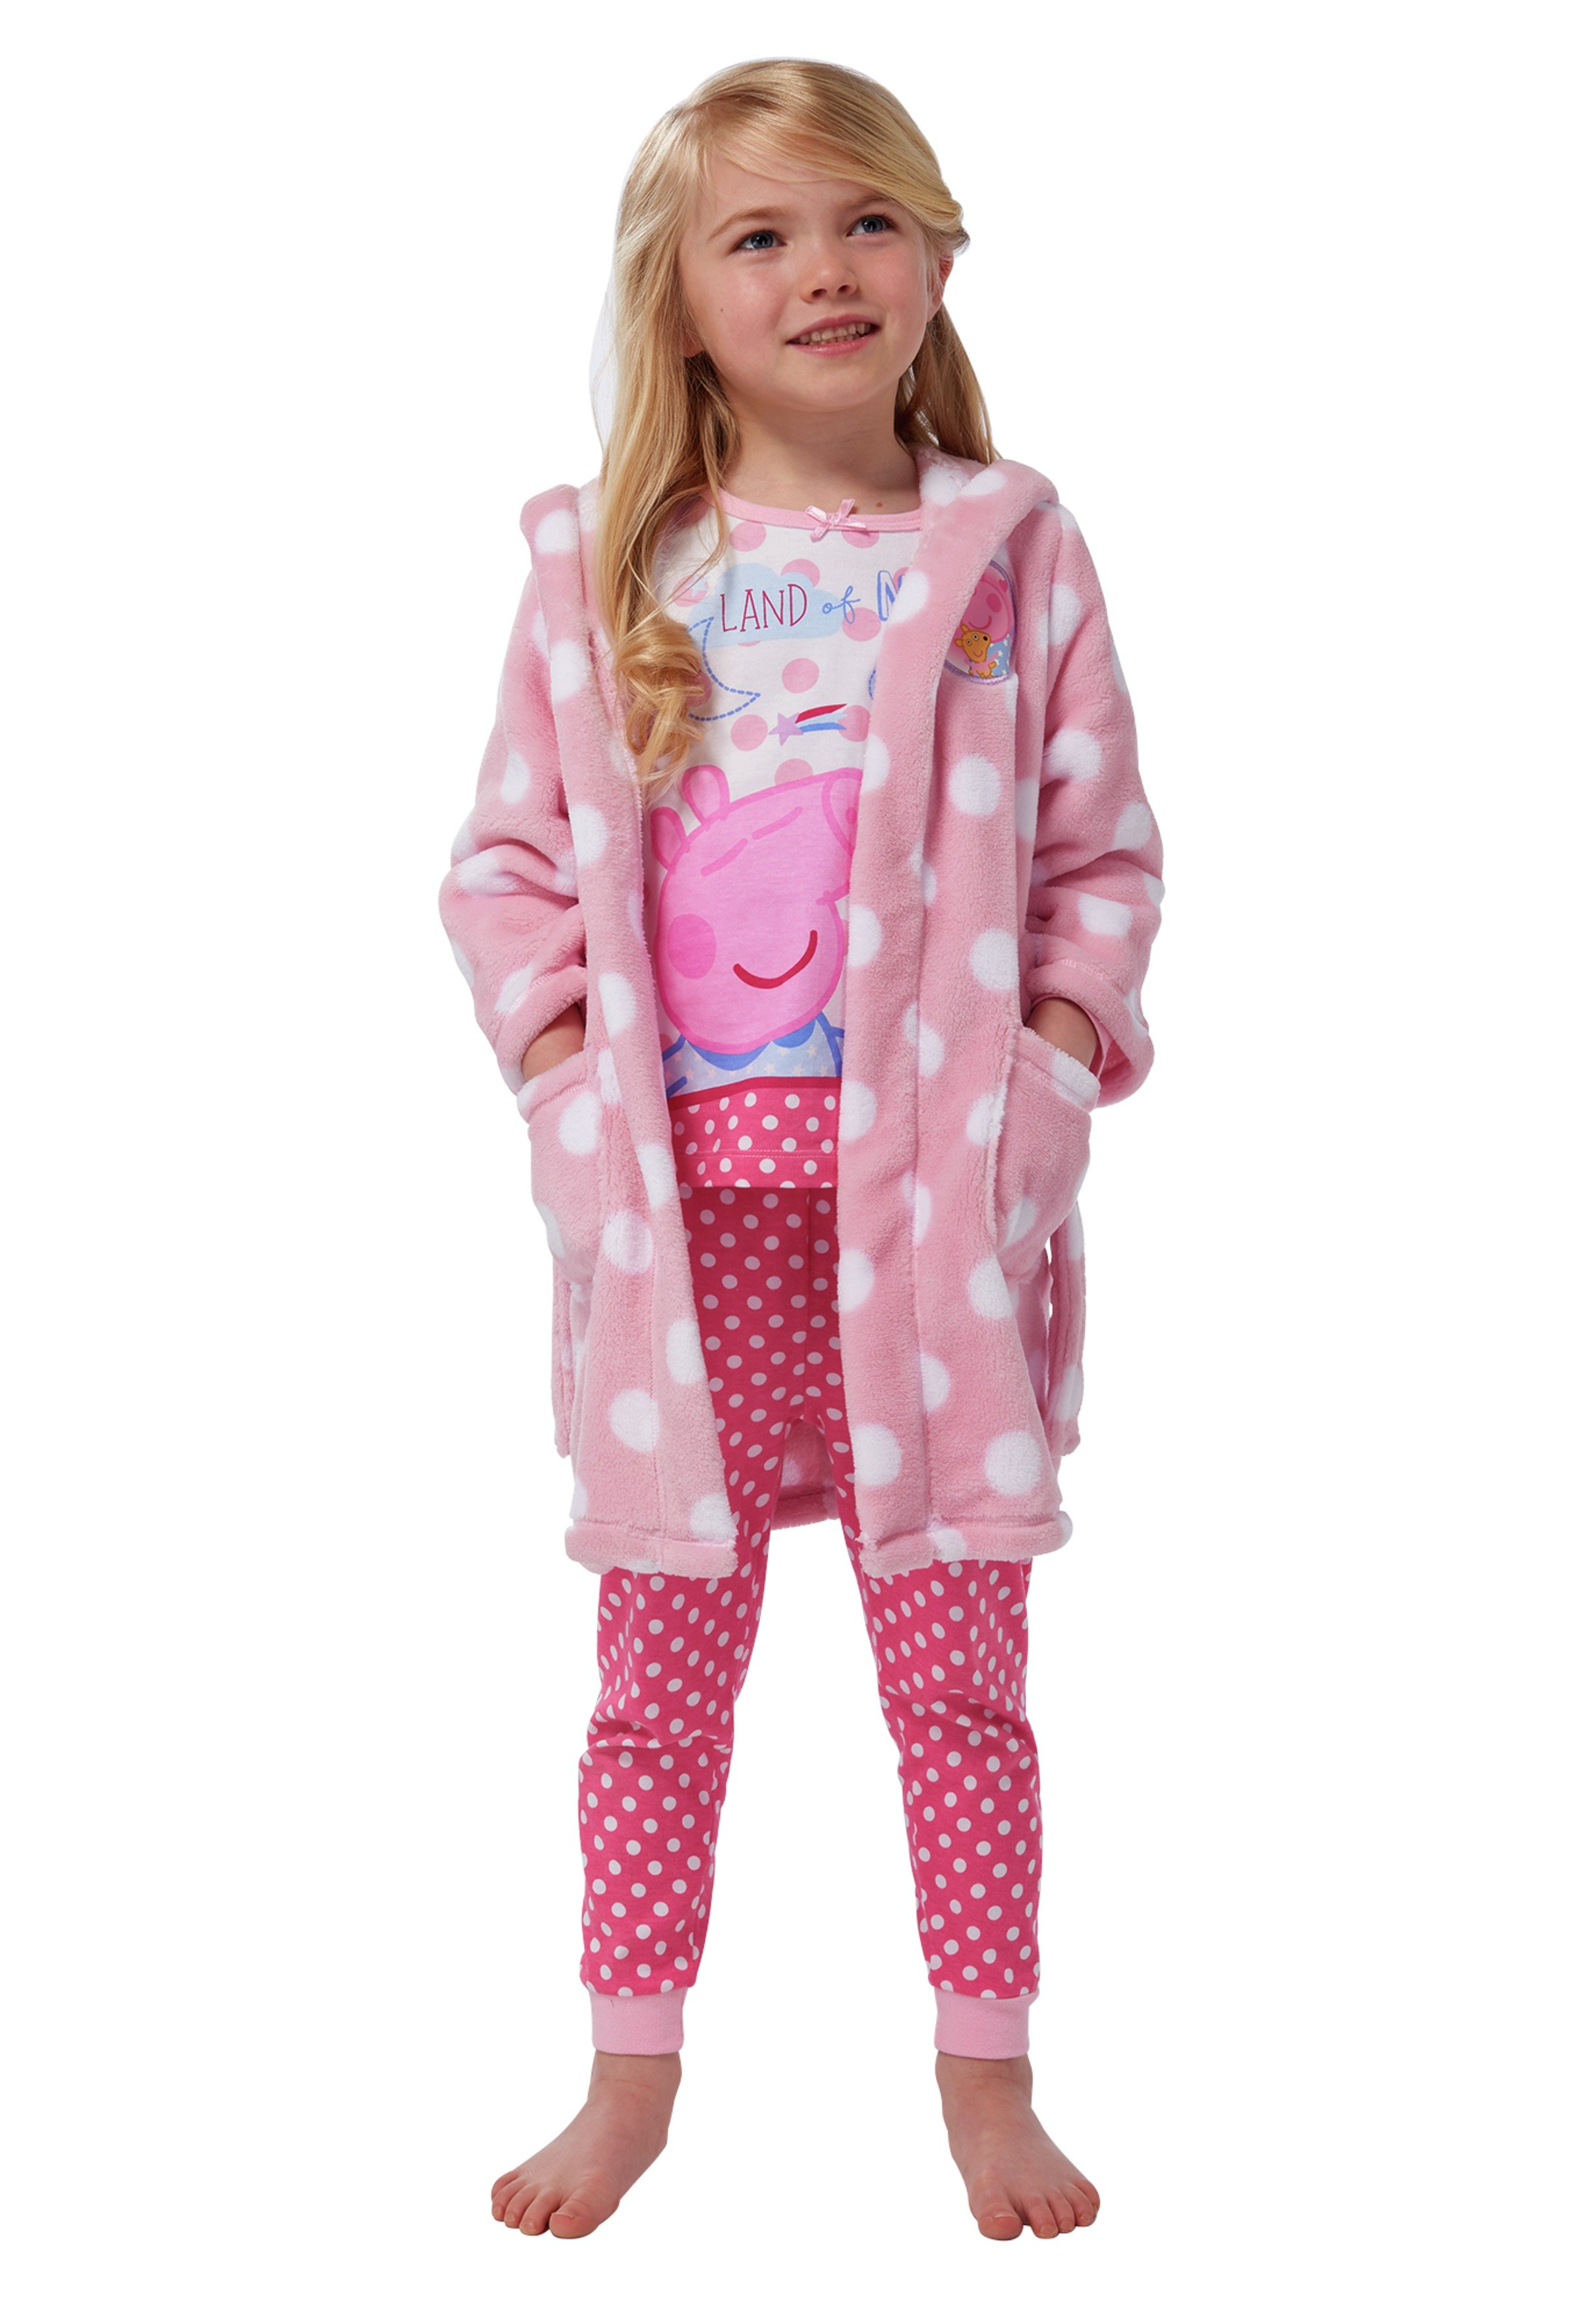 Image of Peppa Pig Nightwear Set - 2-3 Years